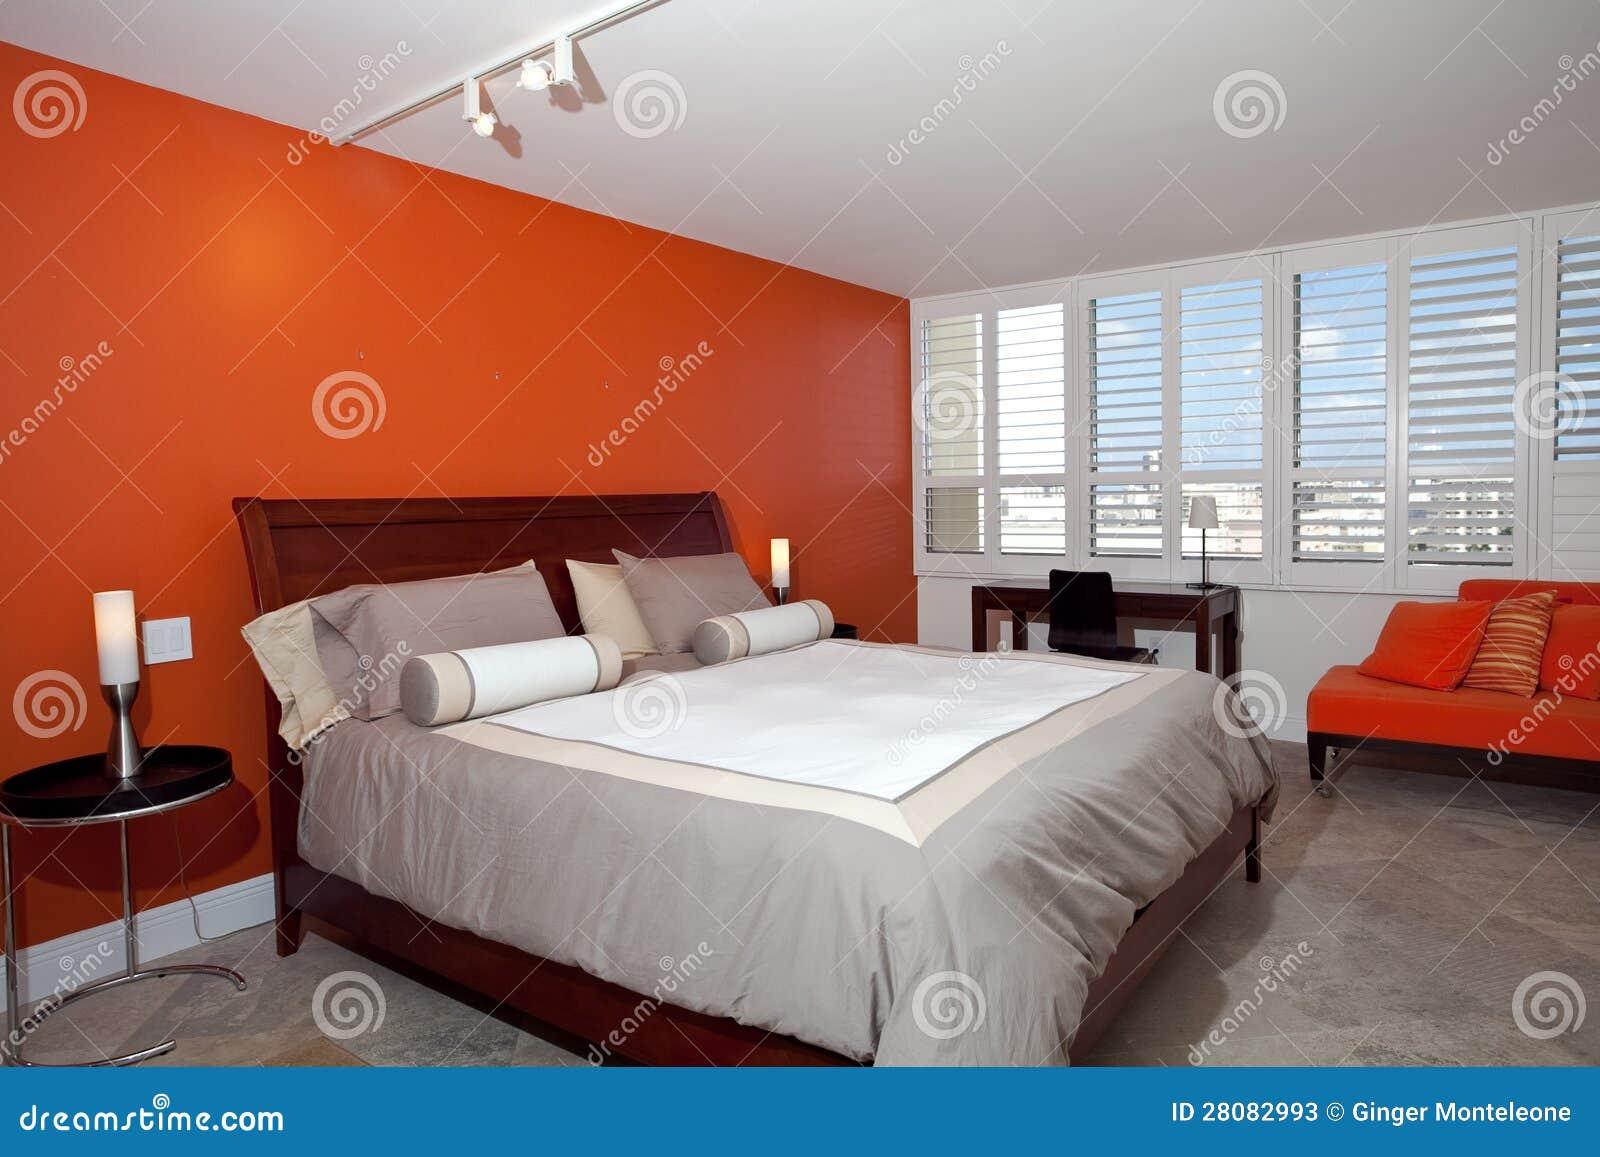 Chambre Coucher Avec Le Mur Orange Br L Photos Stock